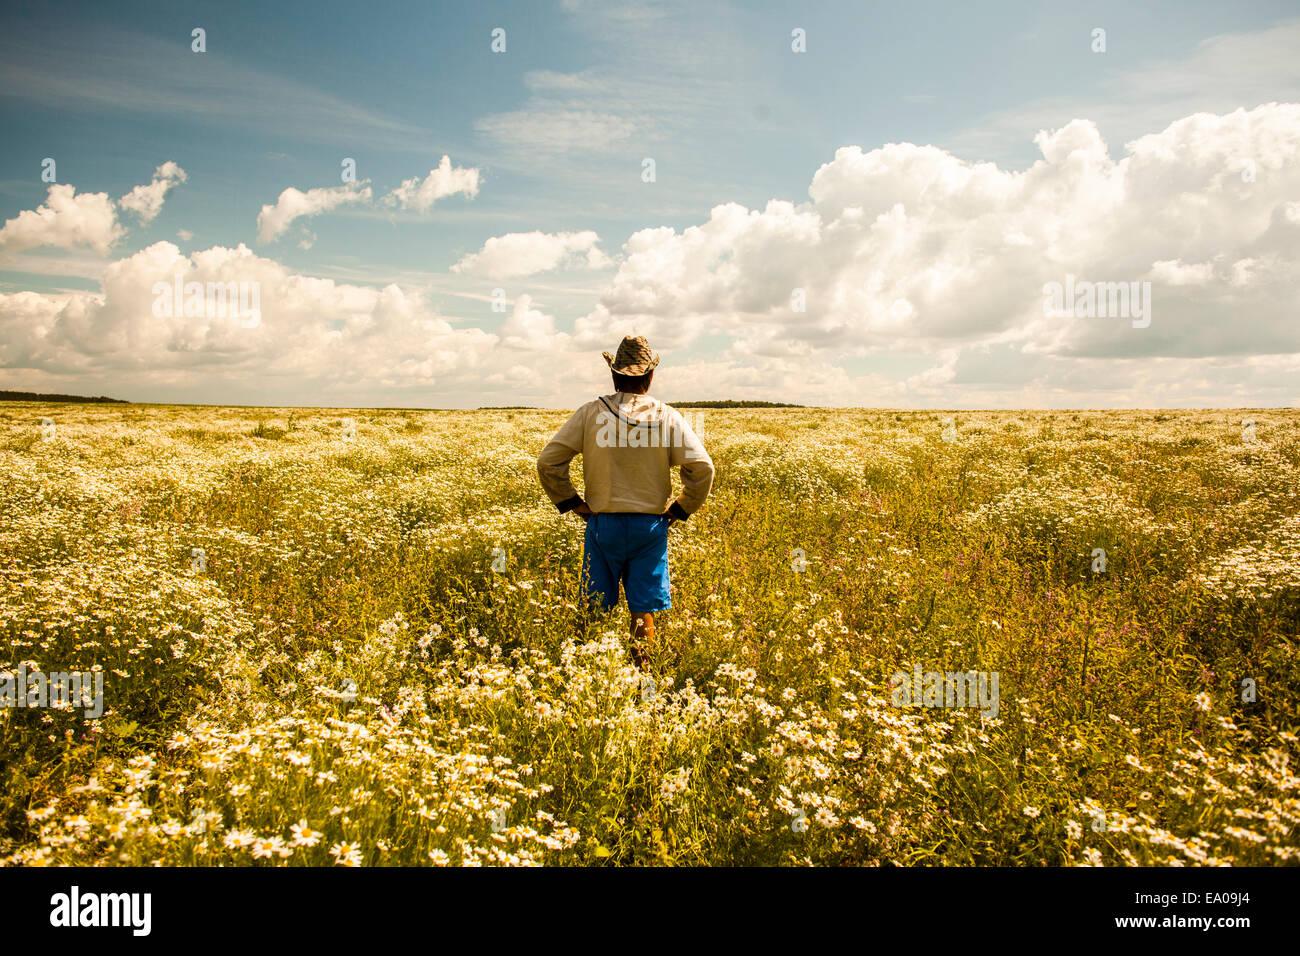 L'homme sur champ de fleurs sauvages, Sarsy village, région de Sverdlovsk, Russie Photo Stock